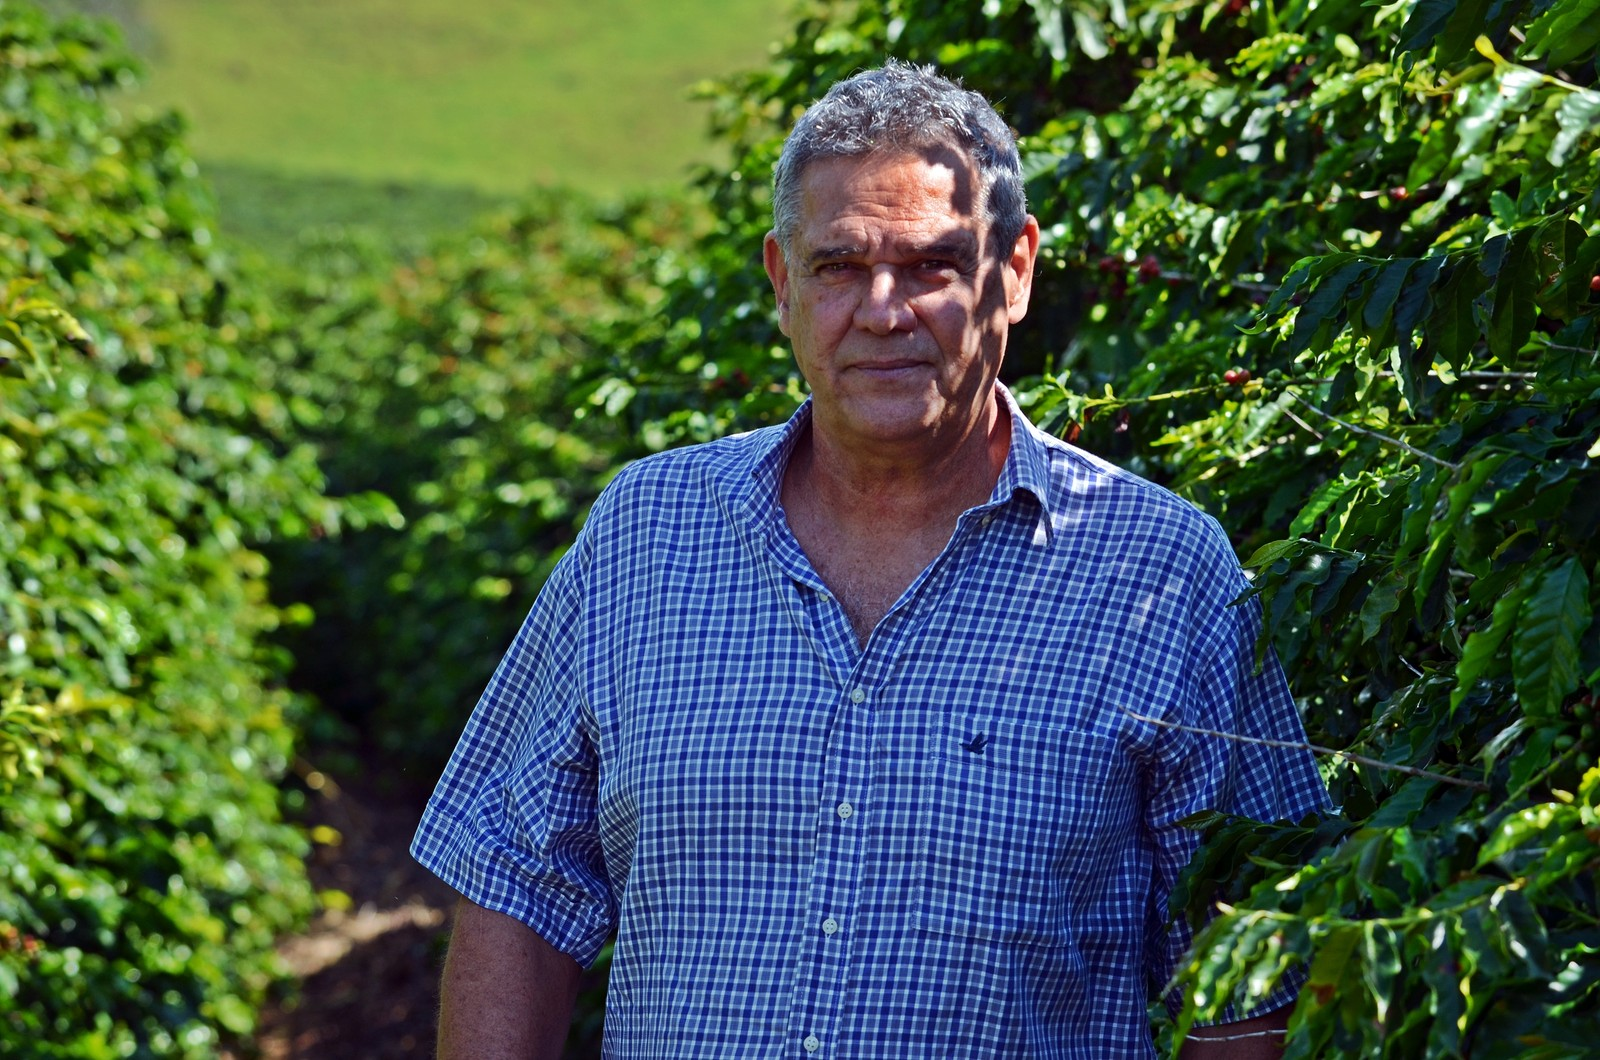 Cafeicultor largou consultórios para cuidar da propriedade do sogro há 40 anos em Machado (Foto: Lucas Soares)